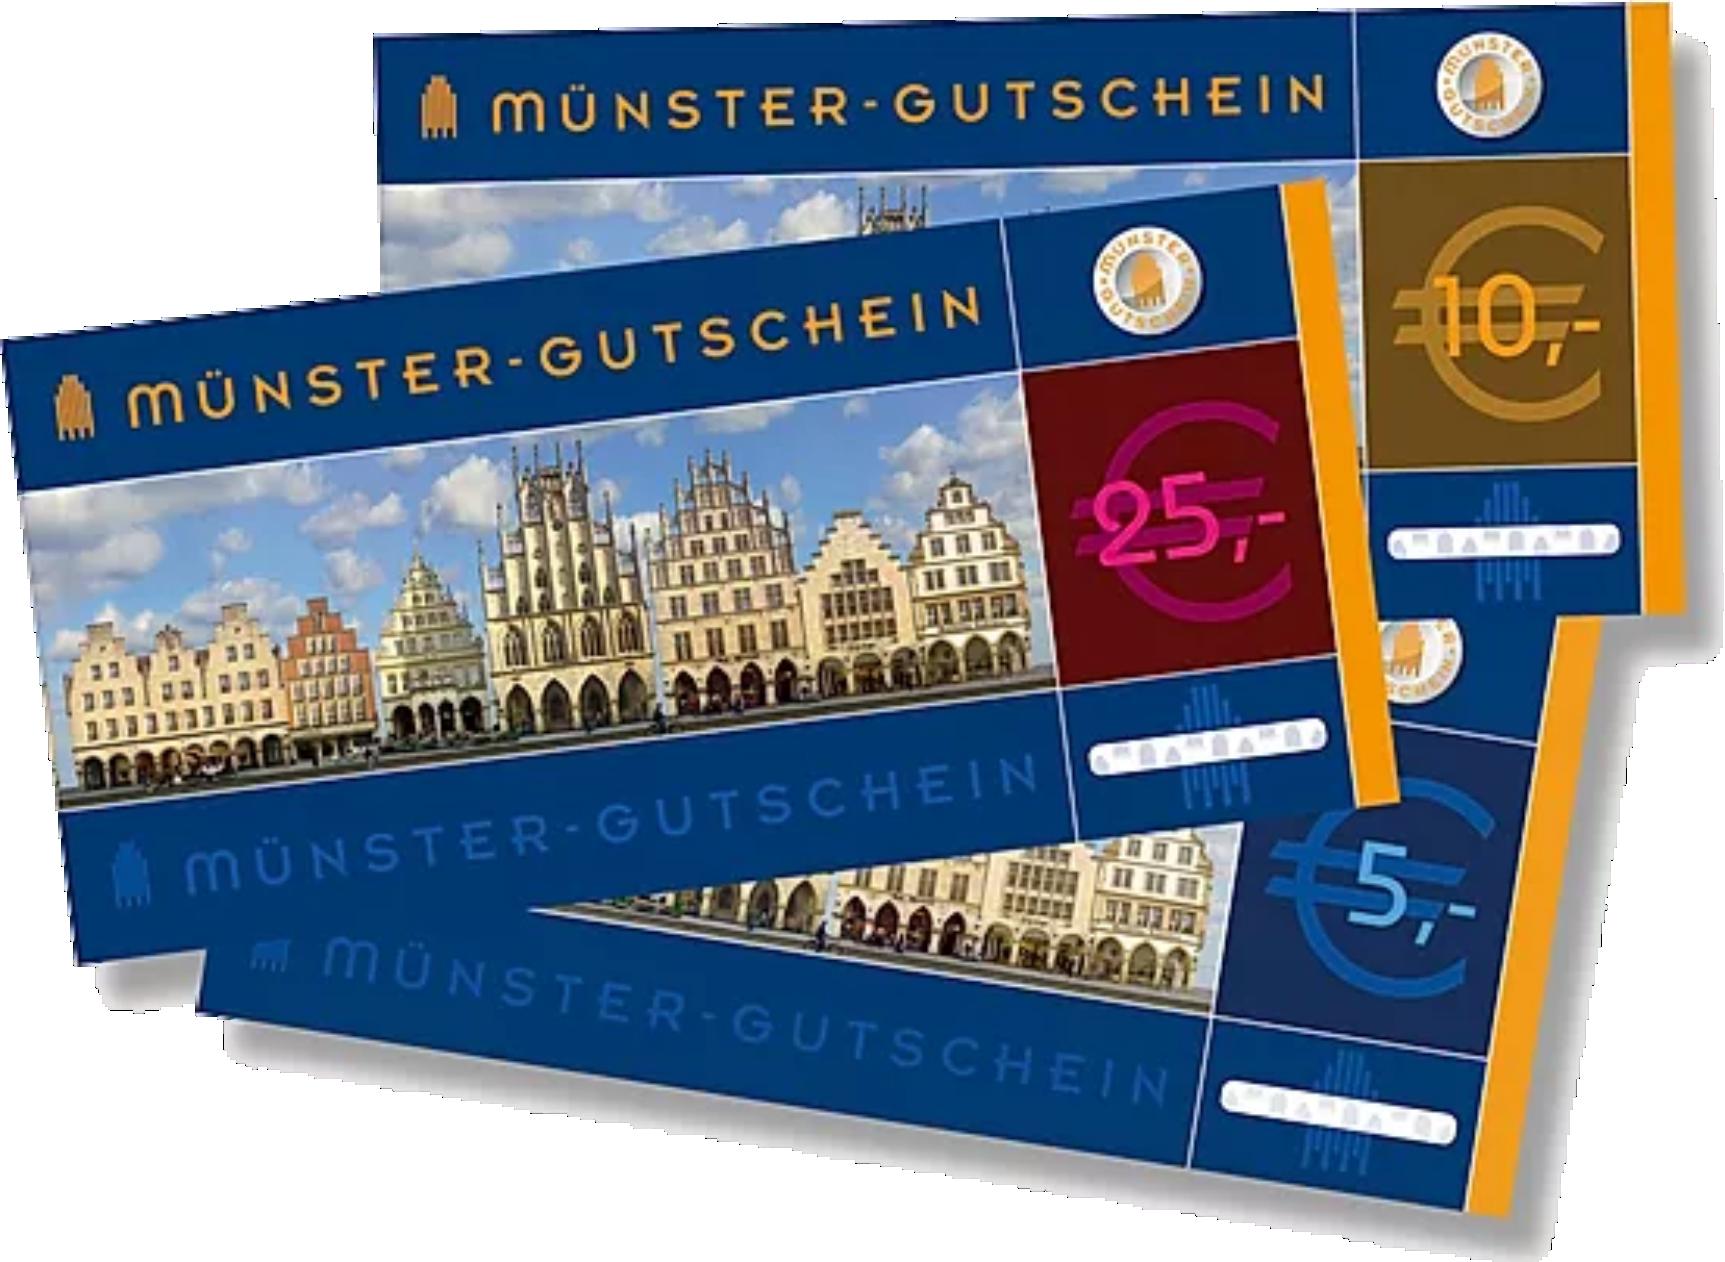 Handelsverband Nordrhein-Westfalen Westfalen-Münsterland